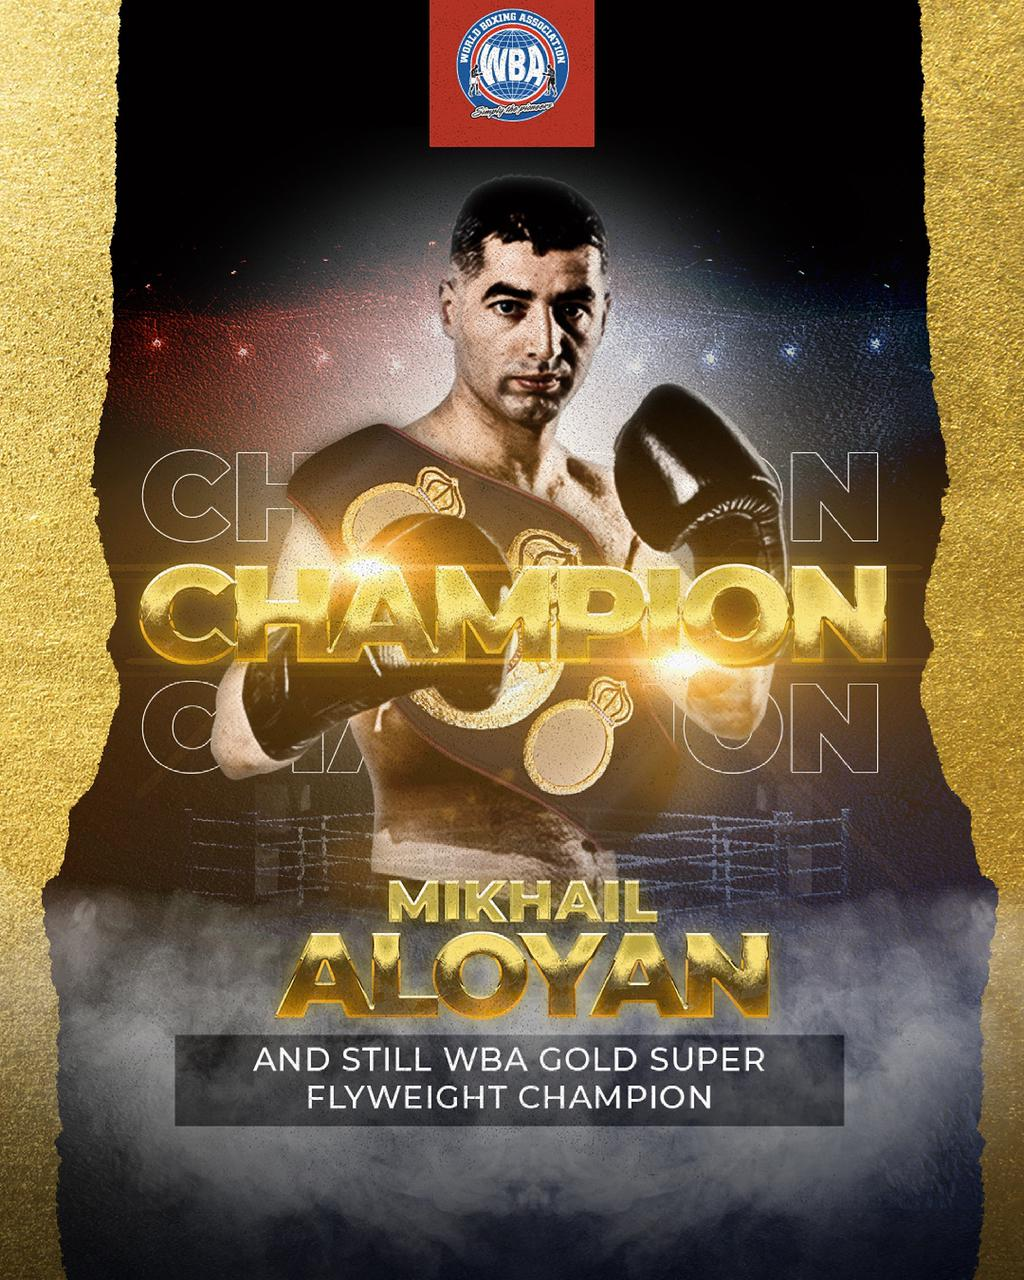 Aloyan demolished Hryshchuk and retained his WBA Gold belt